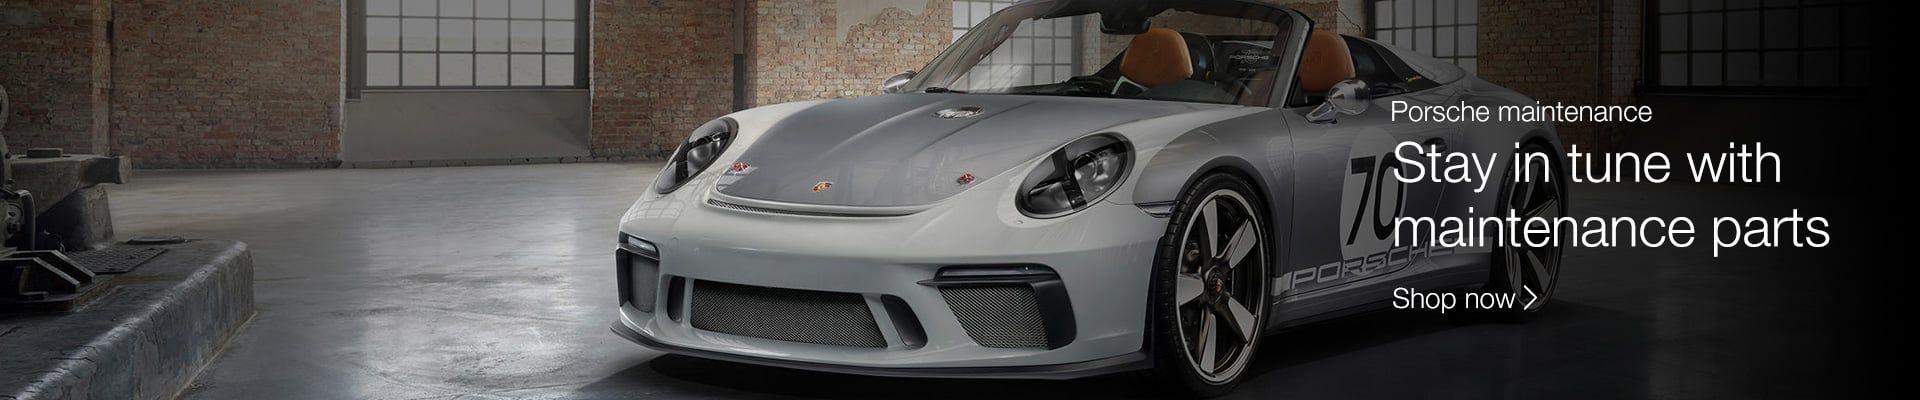 Porsche Maintenance Parts